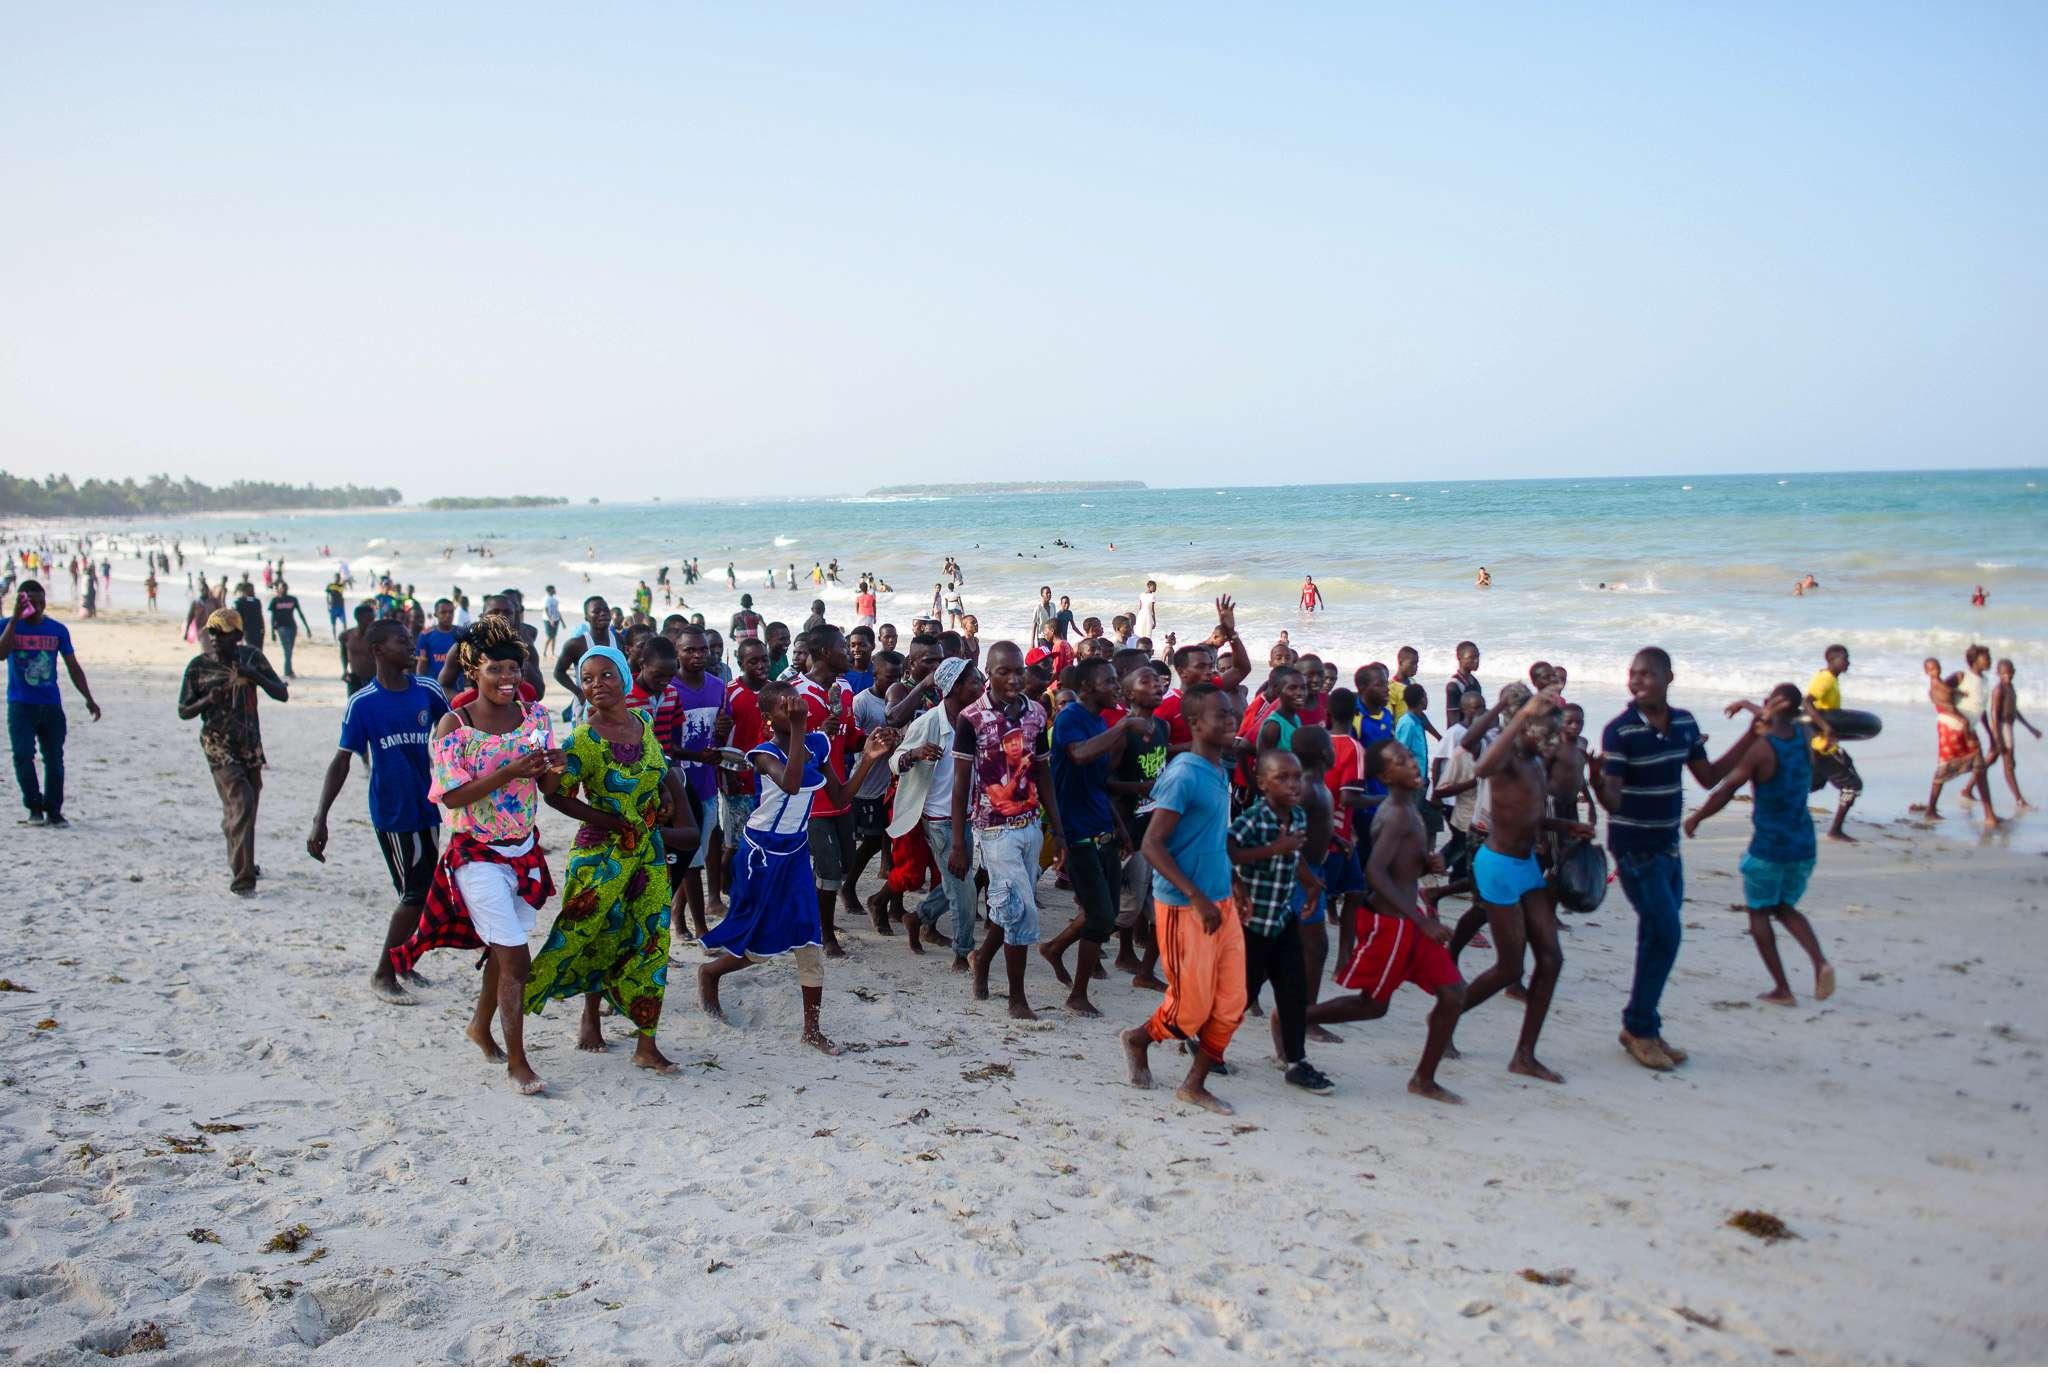 Malawi-Quer durch Afrika- Geschichten von unterwegs by Marion and Daniel-133